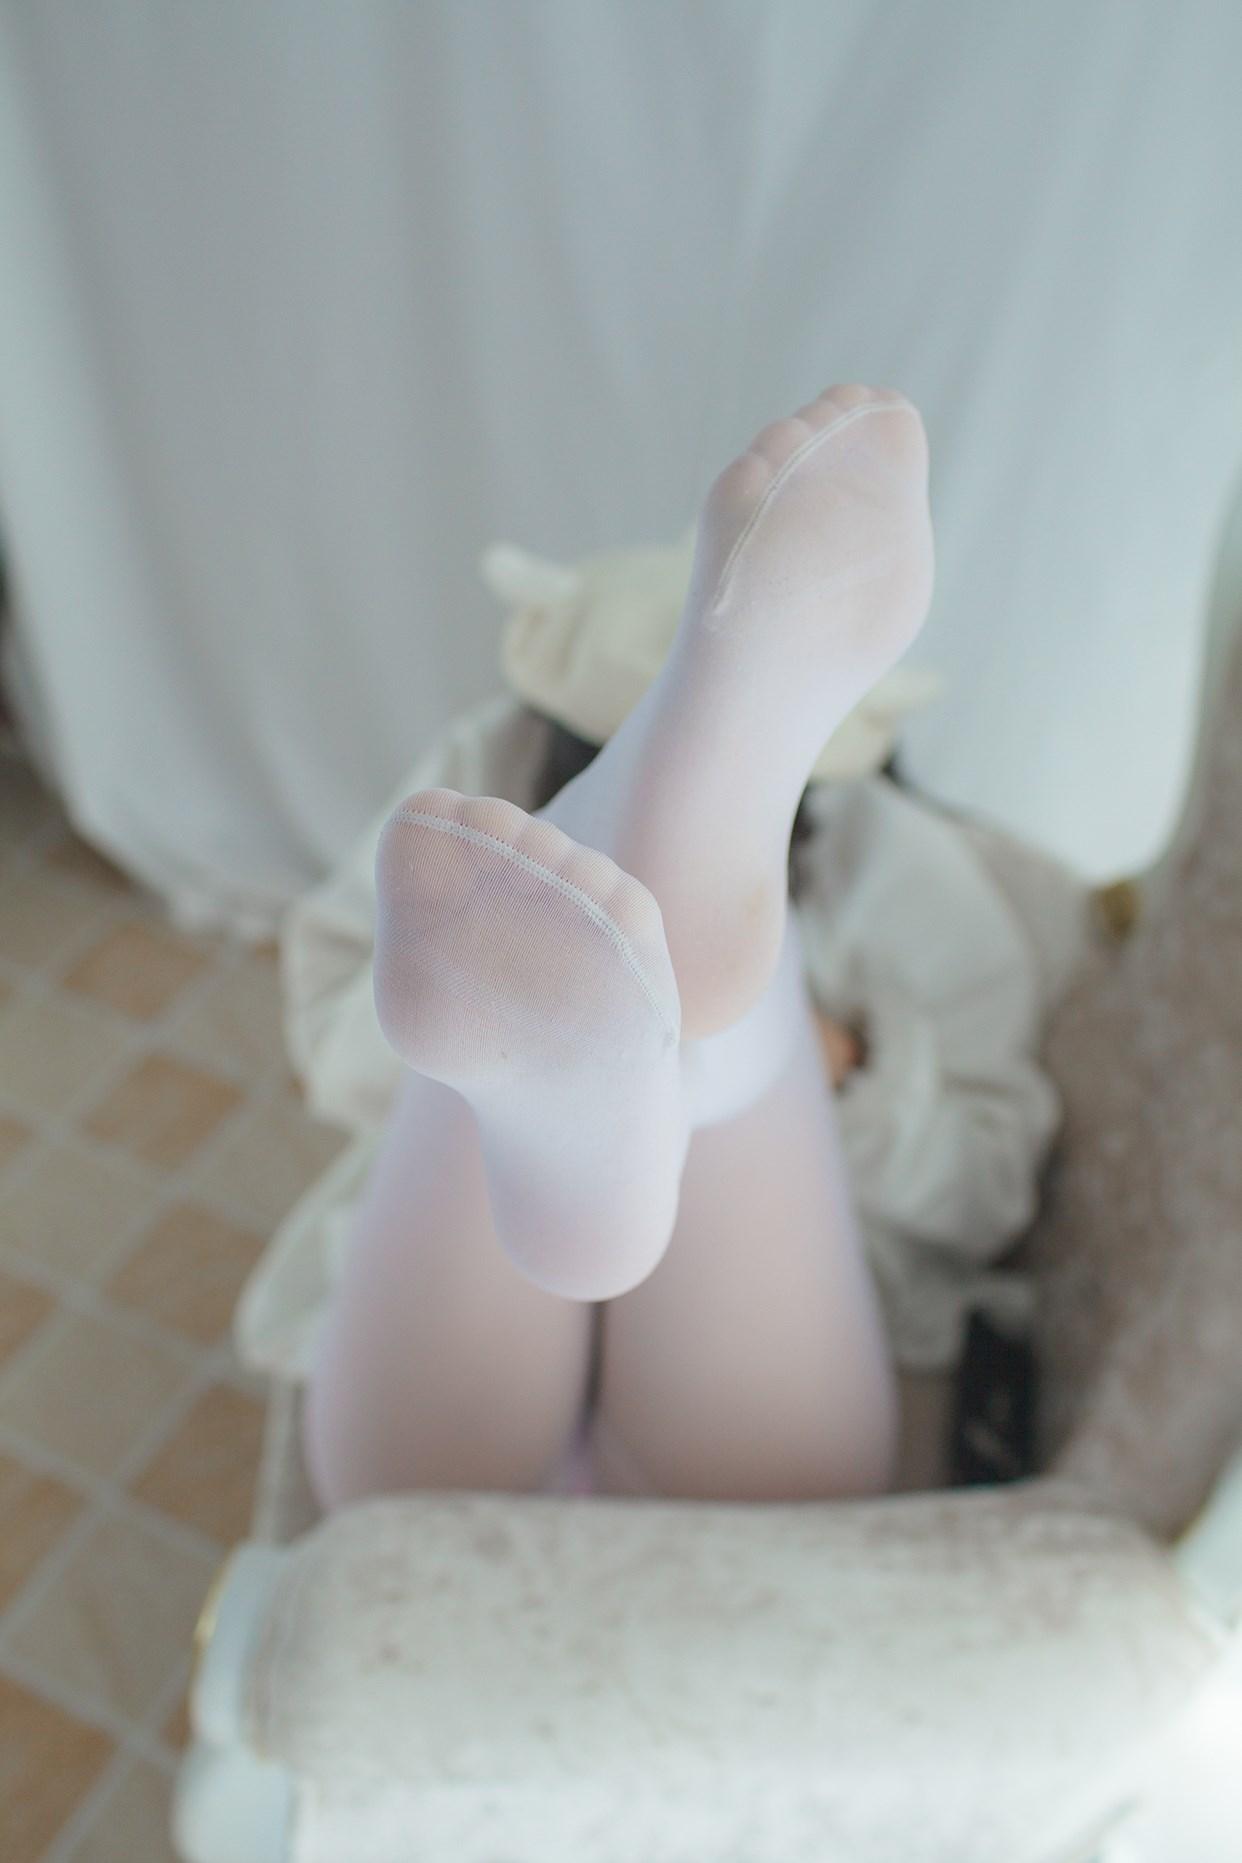 【兔玩映画】激萌小萝莉 兔玩映画 第37张